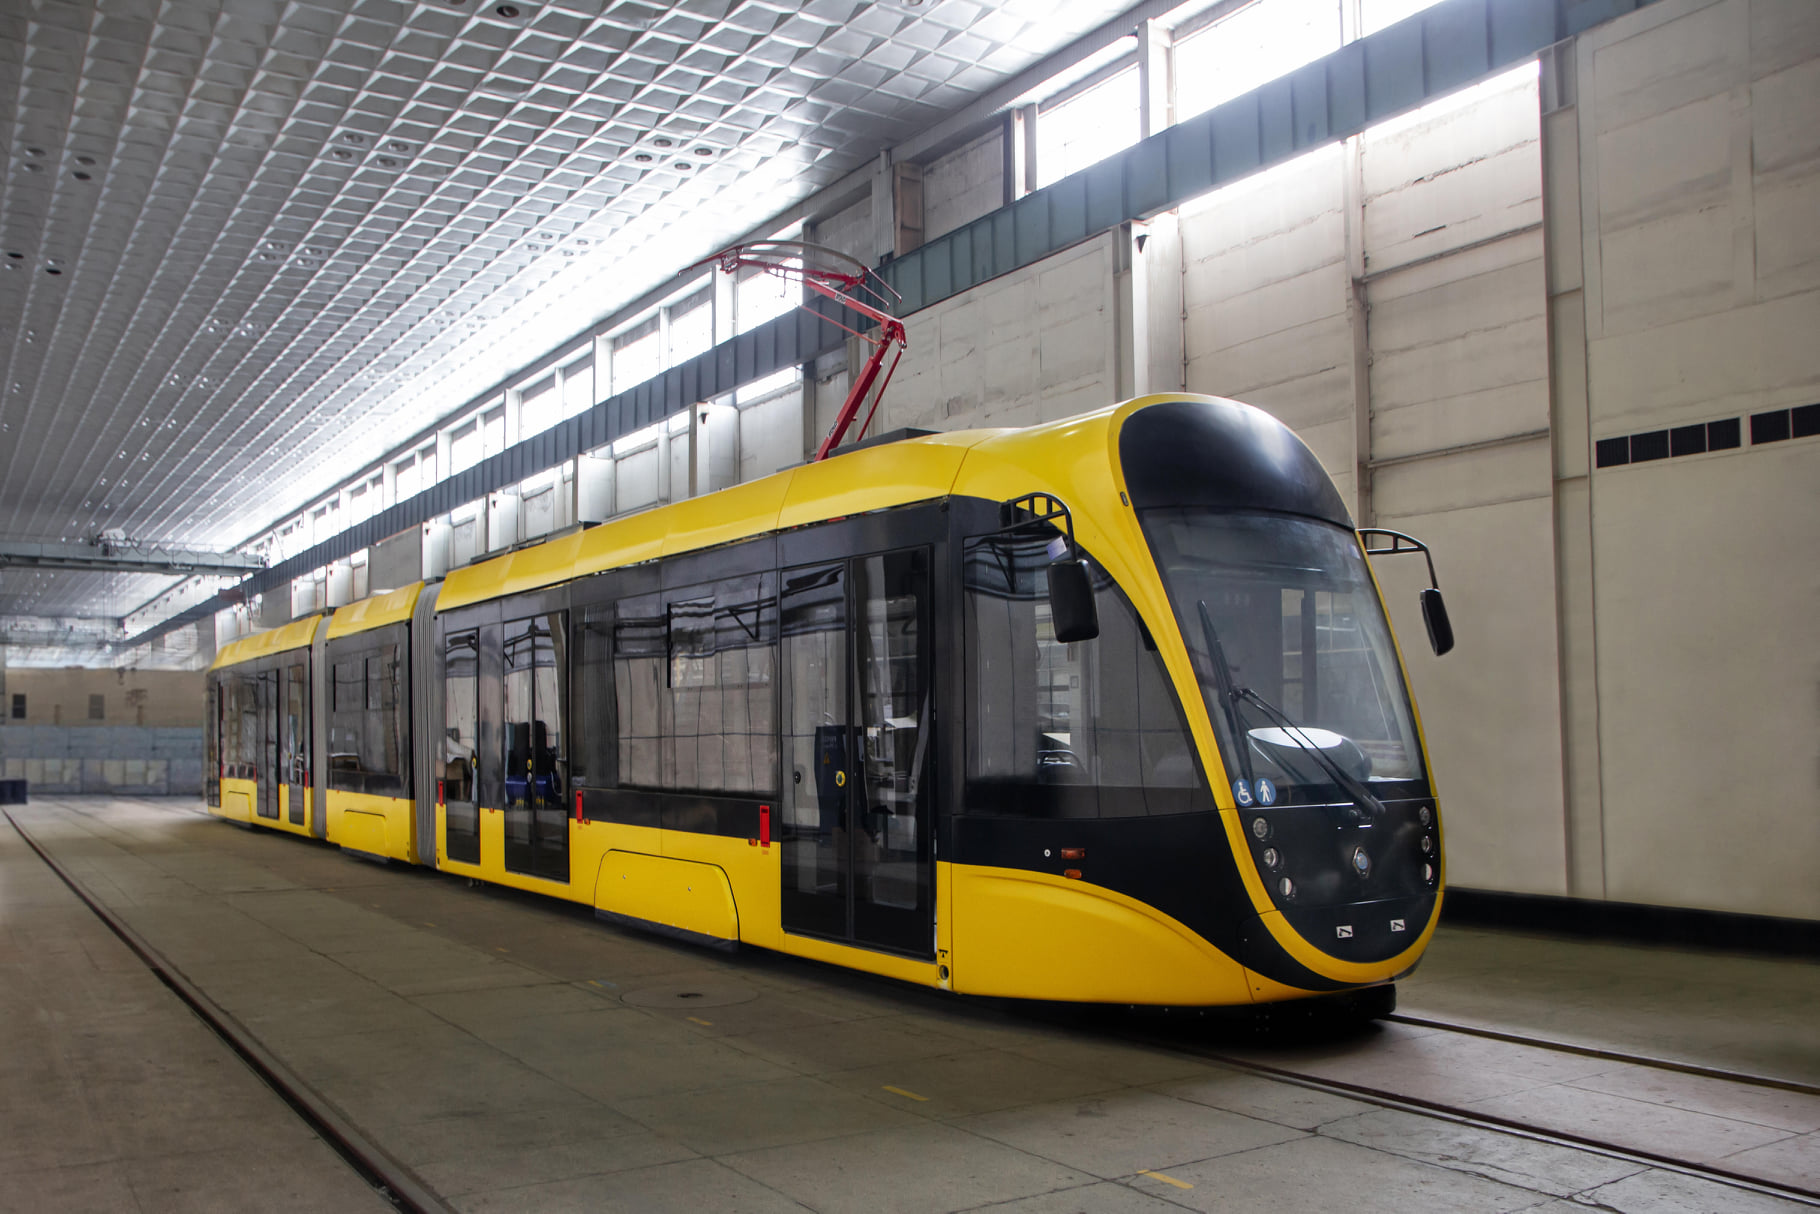 В Киев едут новые трамваи с Wi-Fi и системой подсчета пассажиров (фото)